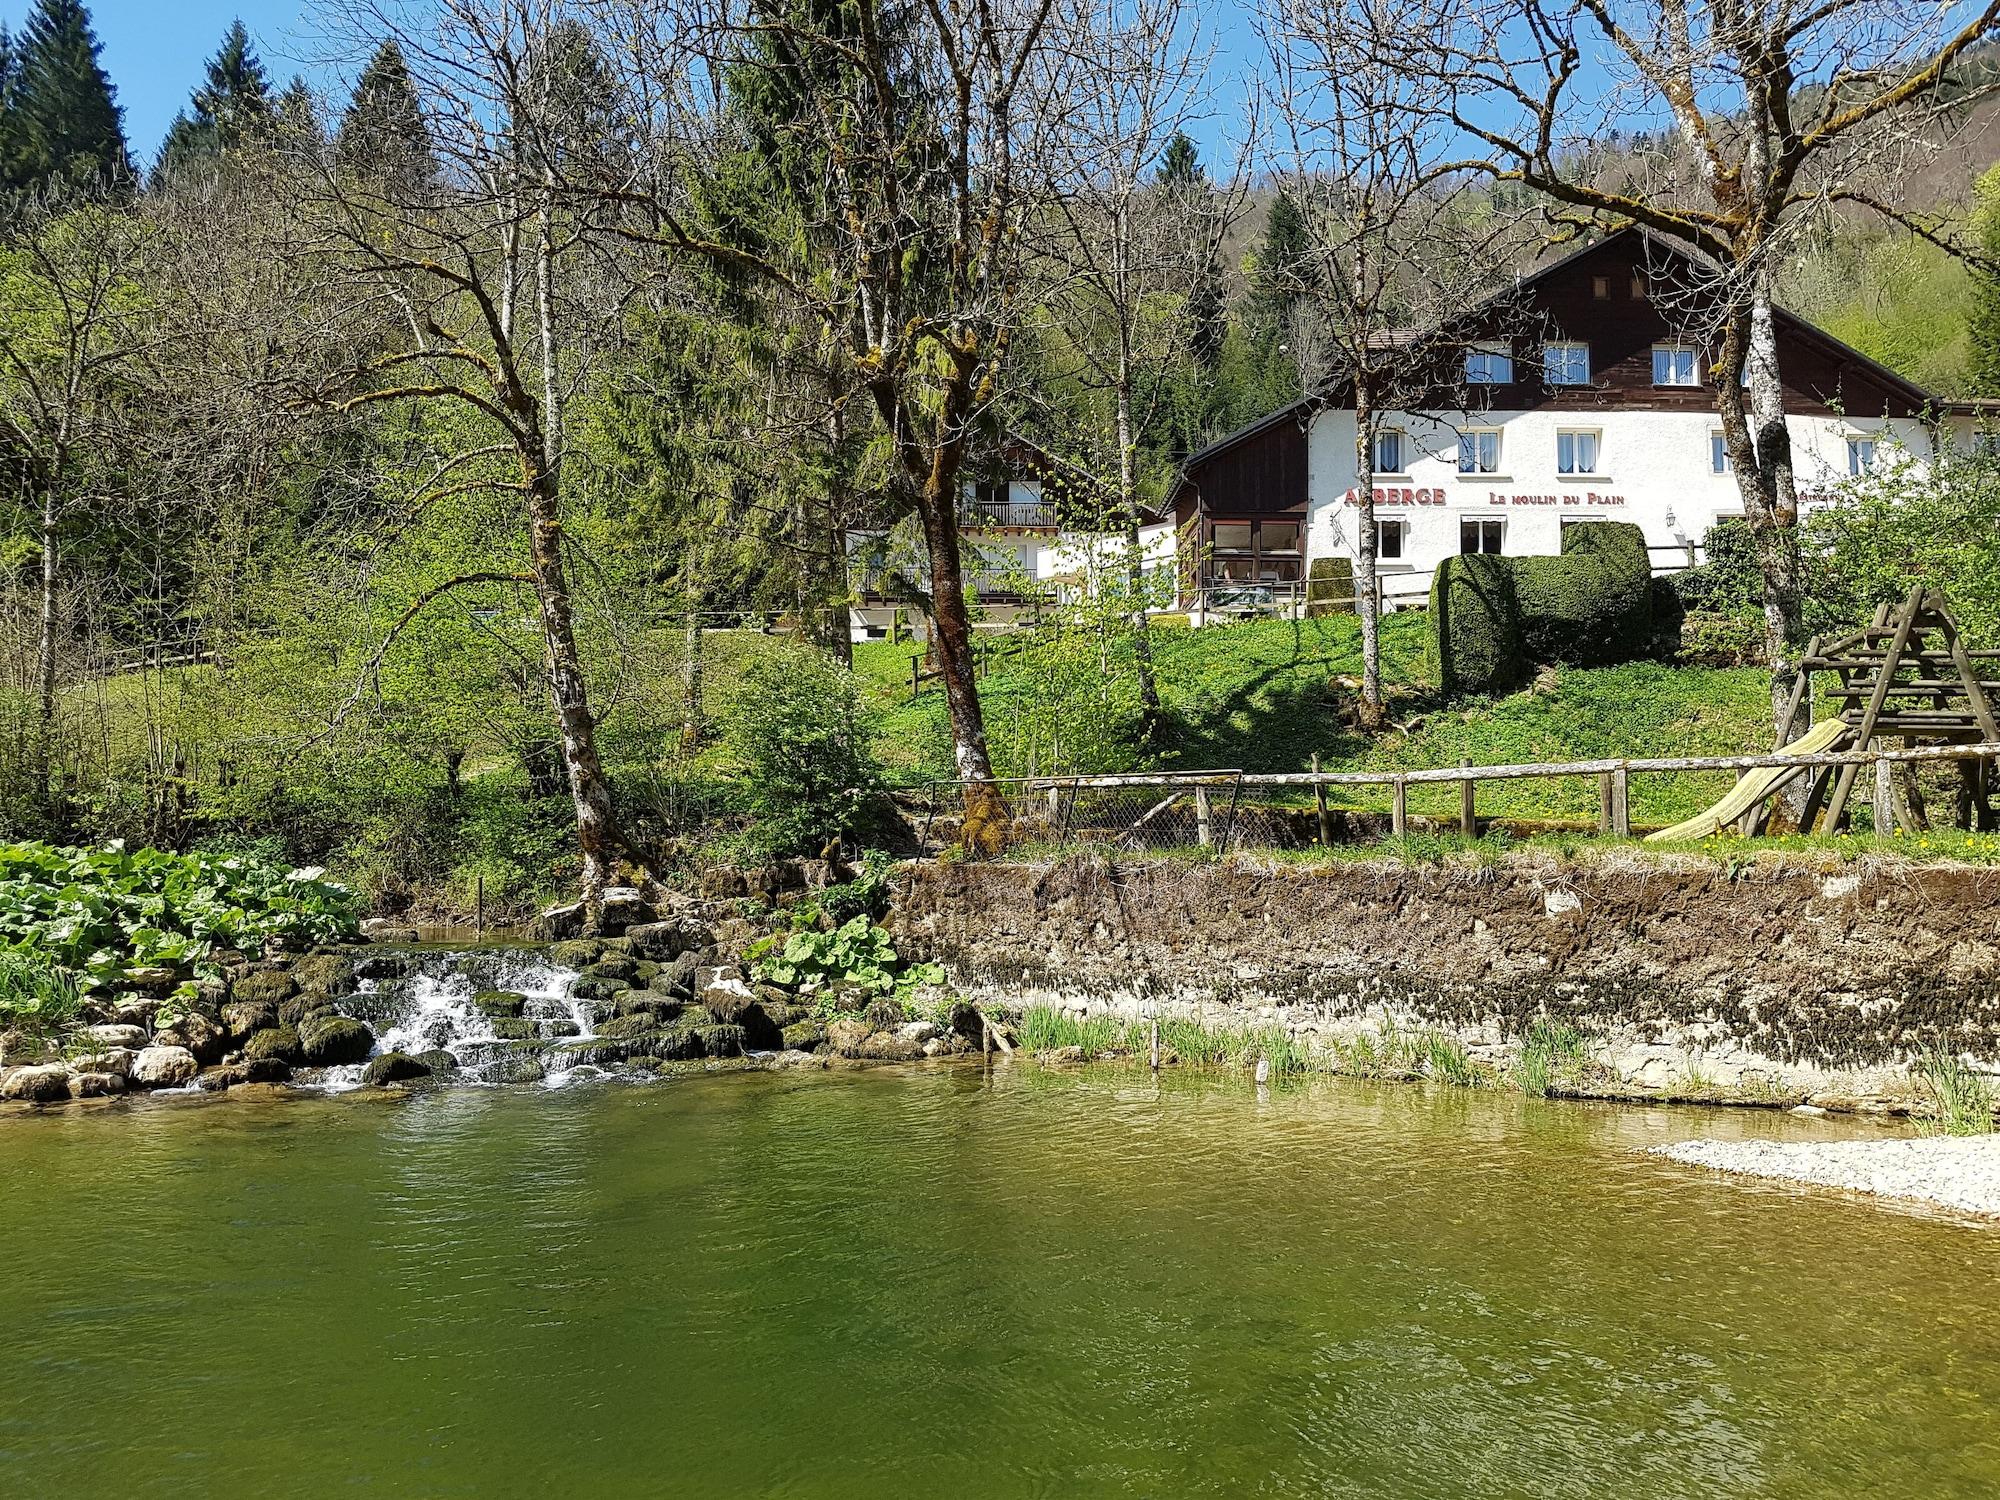 Hôtel Restaurant le Moulin du Plain, Doubs